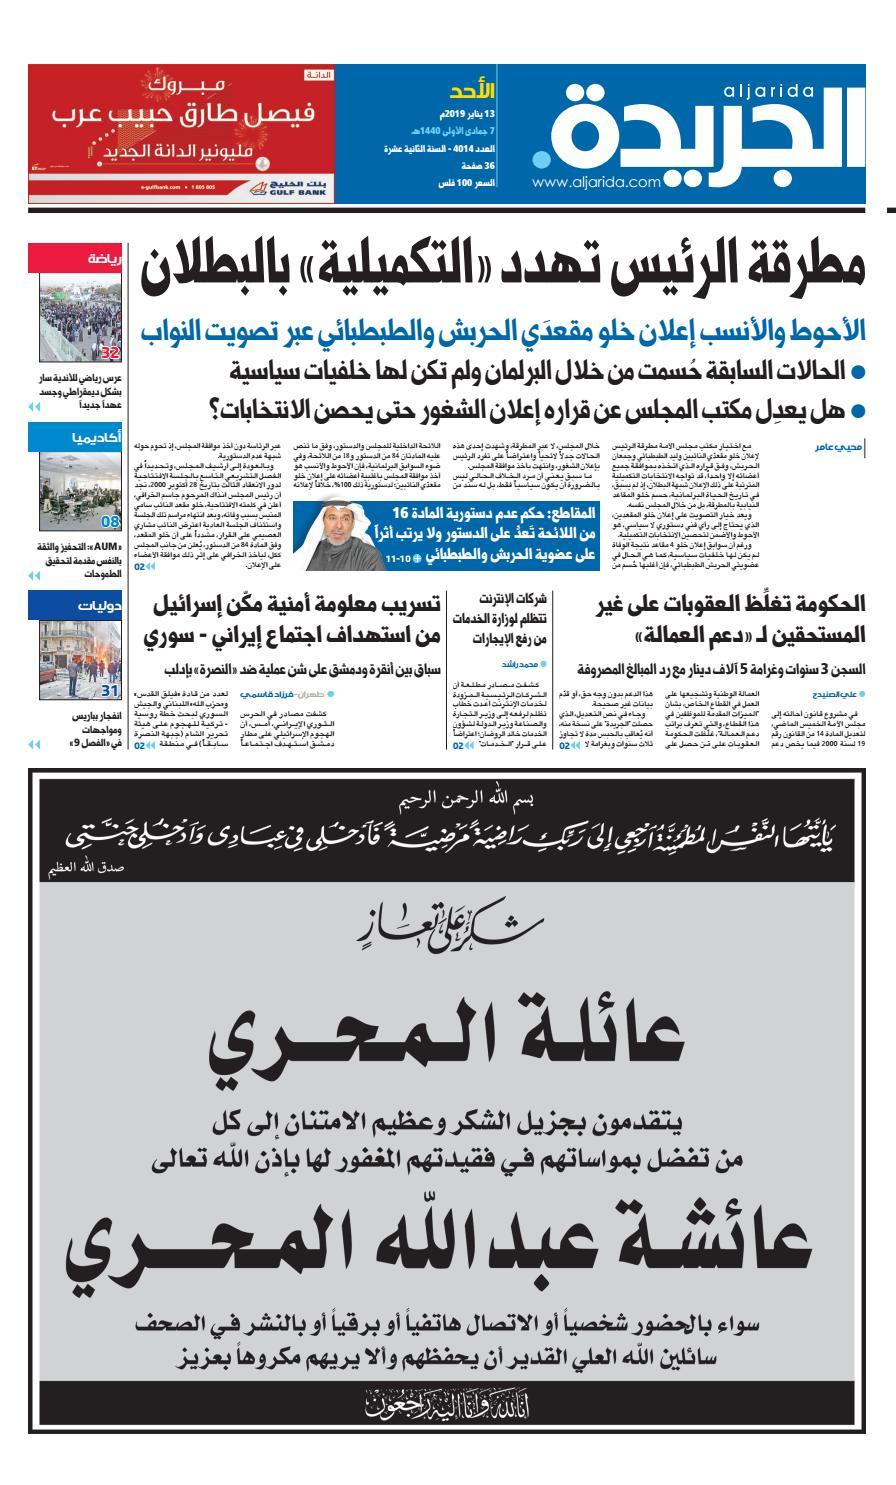 عدد الجريدة الأحد 13 يناير 2019 By Aljarida Newspaper Issuu